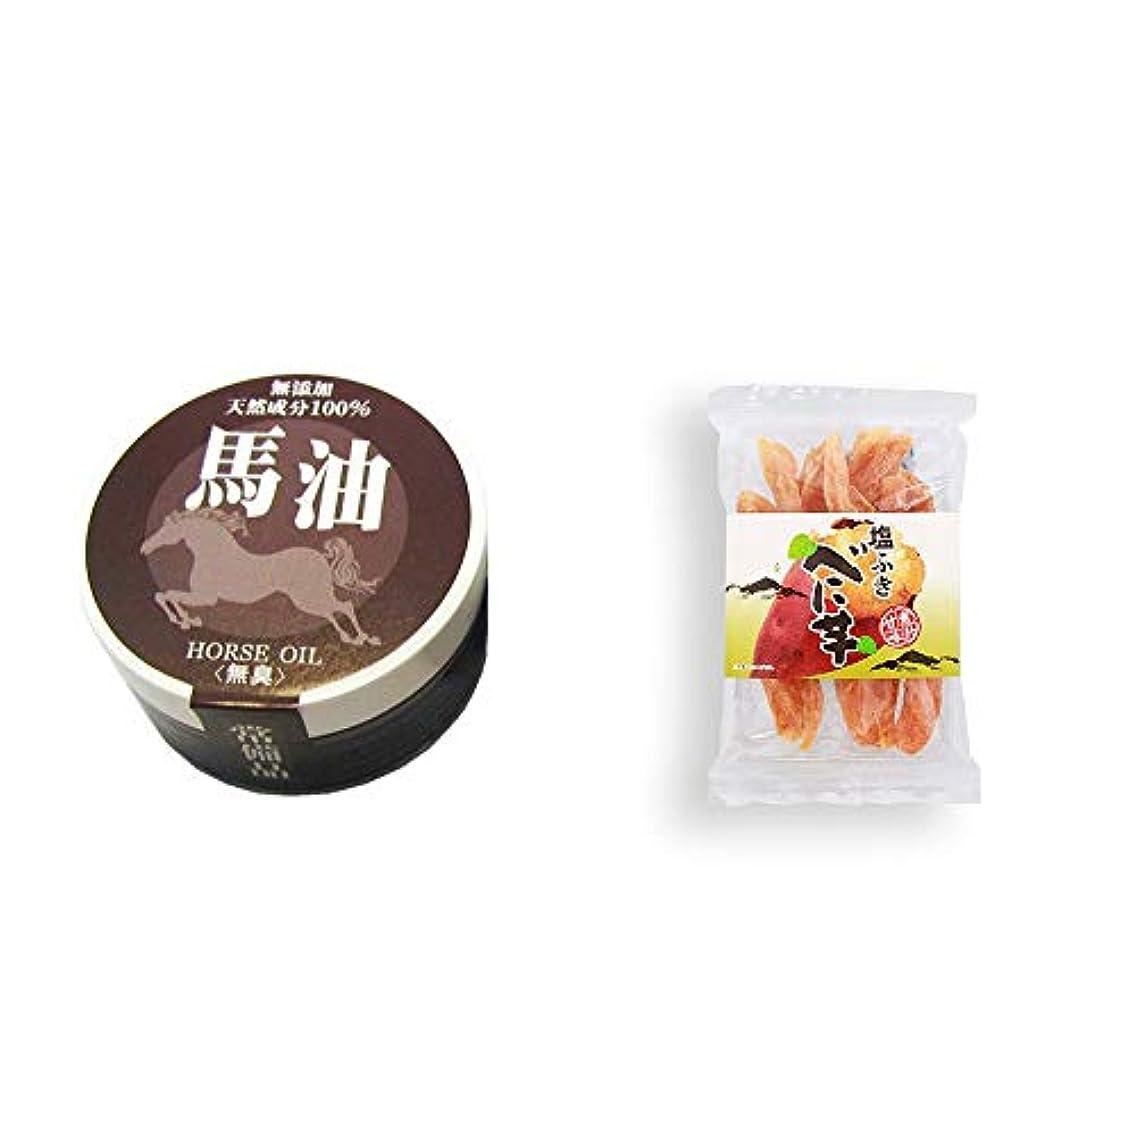 [2点セット] 無添加天然成分100% 馬油[無香料](38g)?塩ふき べに芋(250g)